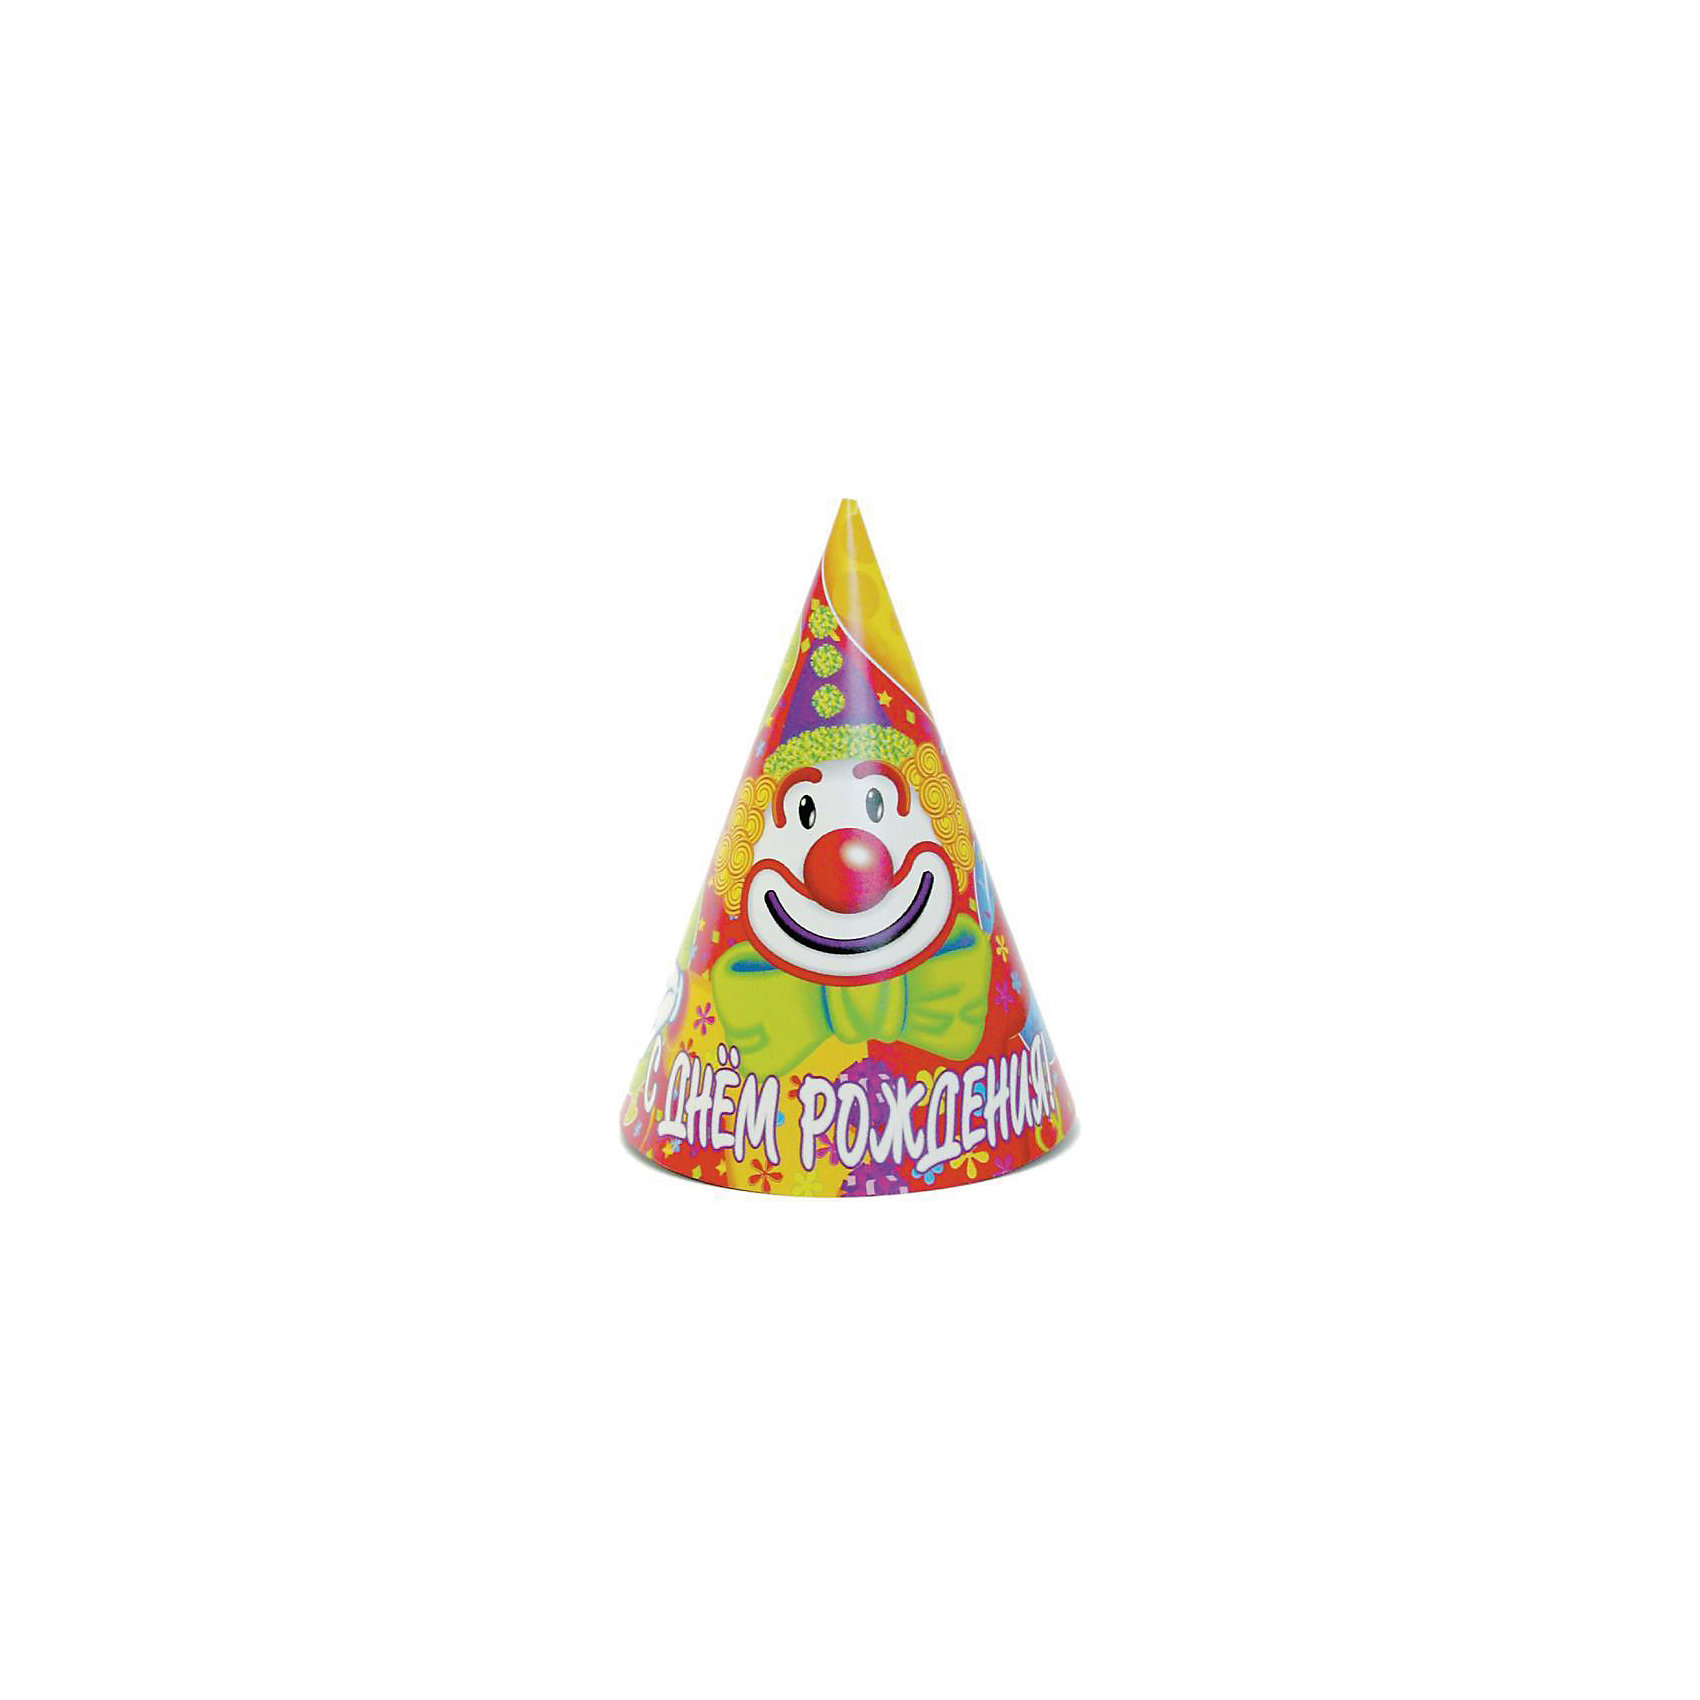 Колпак праздничный С Днем Рождения. Клоун,  8шт., Веселая ЗатеяВсё для праздника<br>Колпак праздничный С Днем Рождения. Клоун, 8шт., Веселая Затея<br><br>Характеристики:<br><br>• Количество: 8 штук<br>• Крепление: шнурок под шеей<br>• Картинка: клоун<br><br>Этот яркий колпак может стать одним из важных атрибутов детского праздника. Он подарит вашему ребенку радость и добавит праздничной атмосферы к обстановке. Его удобно надевать на голову, закрепив эластичный шнур под шеей. Несколько таких колпаков смогут позабавить вашего ребенка и его друзей и добавят веселья.<br><br>Колпак праздничный С Днем Рождения. Клоун, 8шт., Веселая Затея можно купить в нашем интернет-магазине.<br><br>Ширина мм: 200<br>Глубина мм: 300<br>Высота мм: 120<br>Вес г: 60<br>Возраст от месяцев: 36<br>Возраст до месяцев: 2147483647<br>Пол: Унисекс<br>Возраст: Детский<br>SKU: 5445421